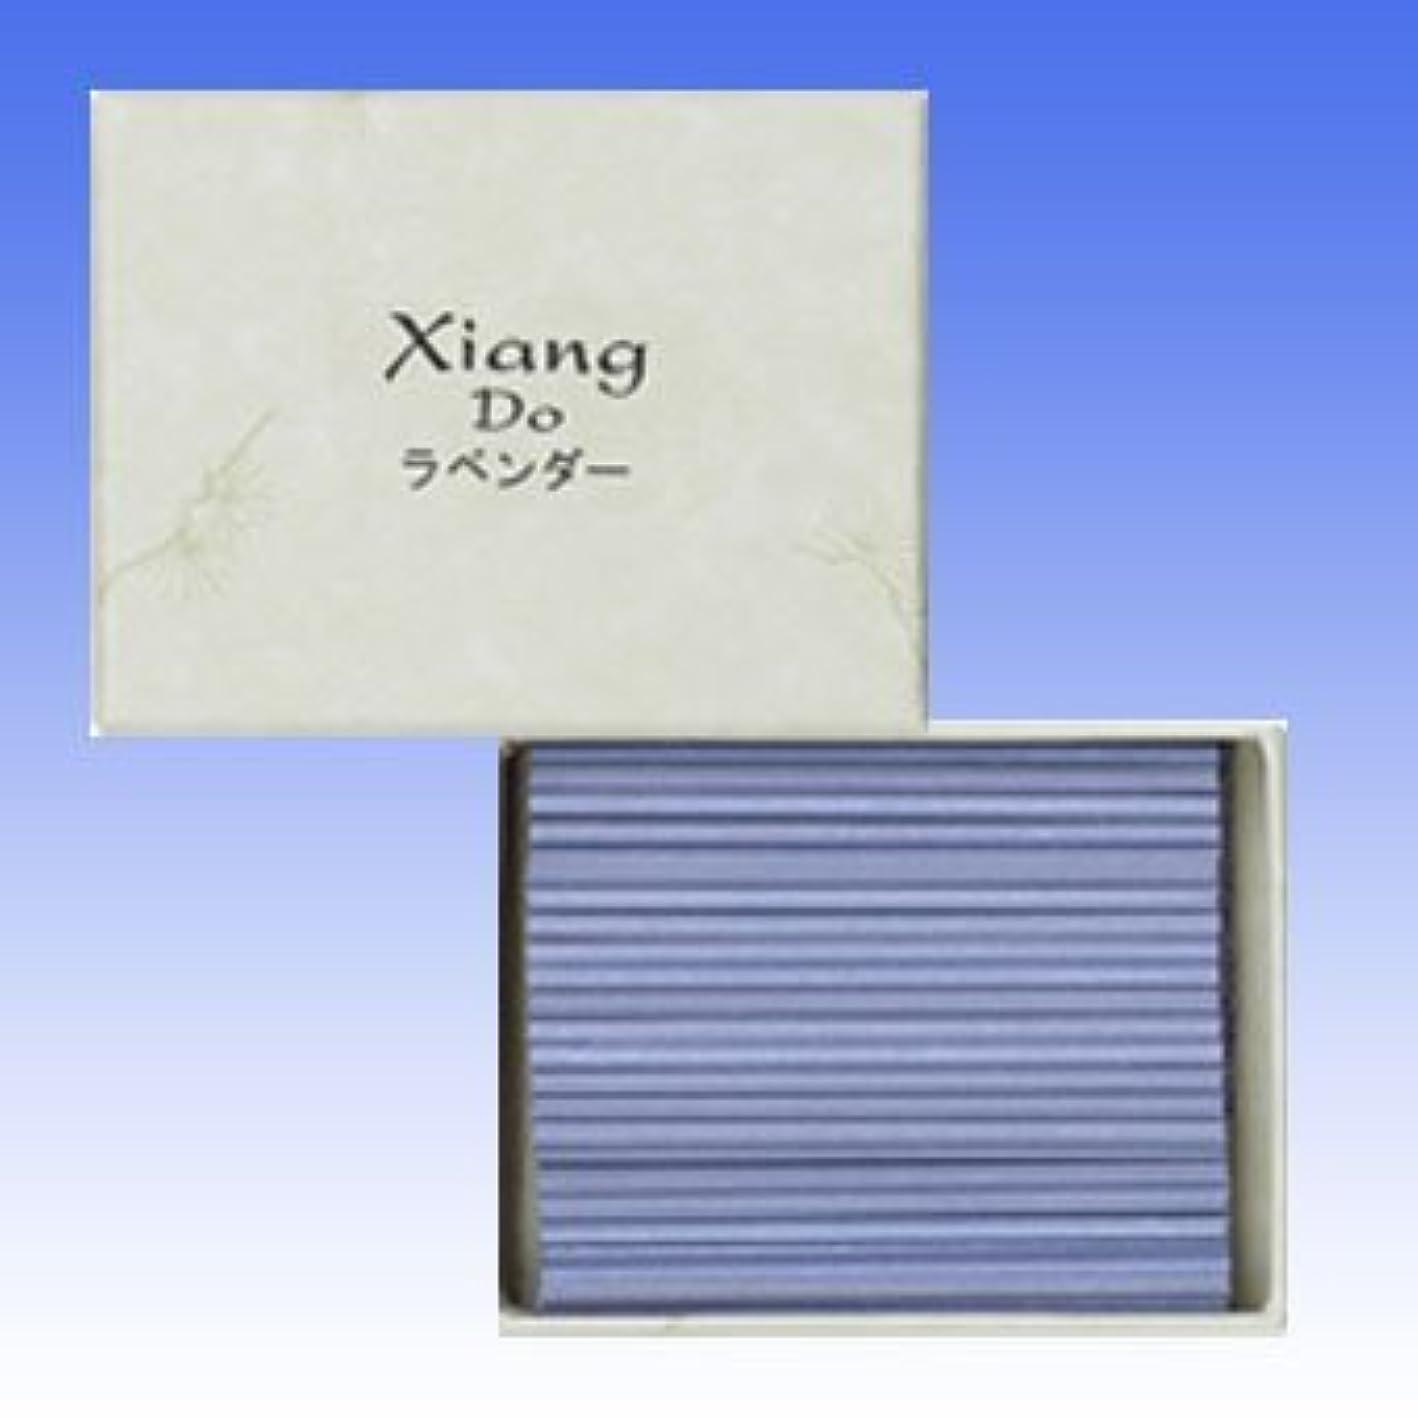 ハードウェア万歳共同選択松栄堂 Xiang Do(シァン ドゥ) 徳用120本入 (ラベンダー)